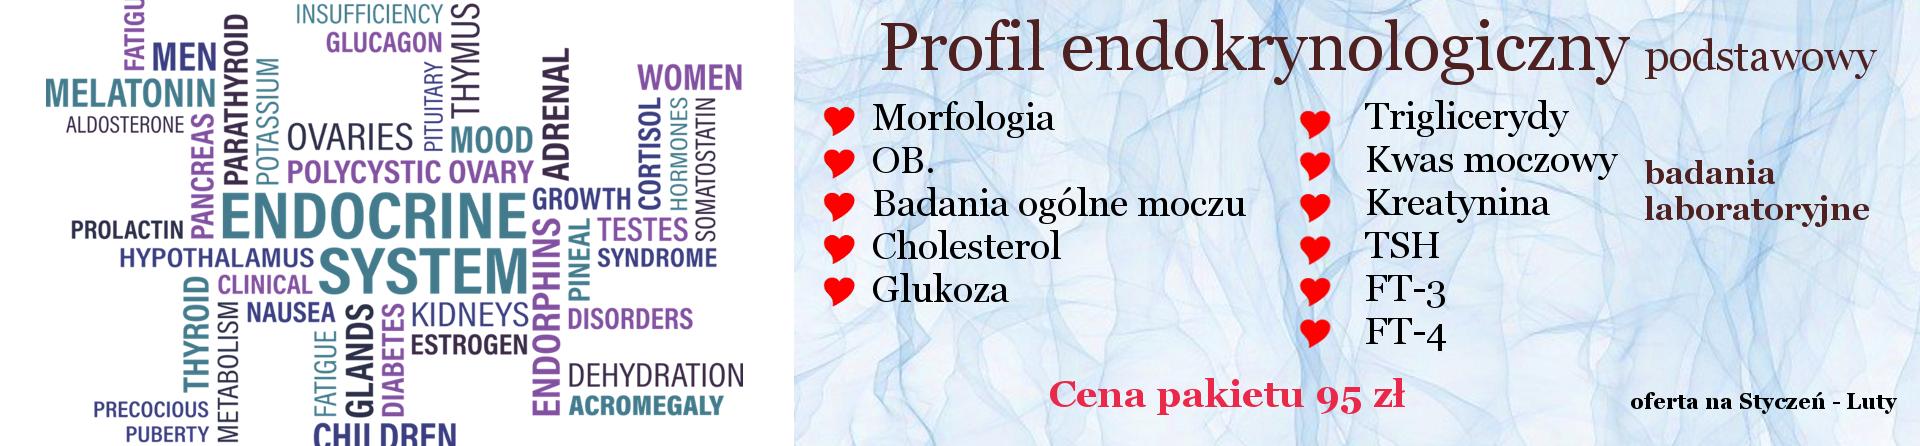 Profil endokrynologiczny